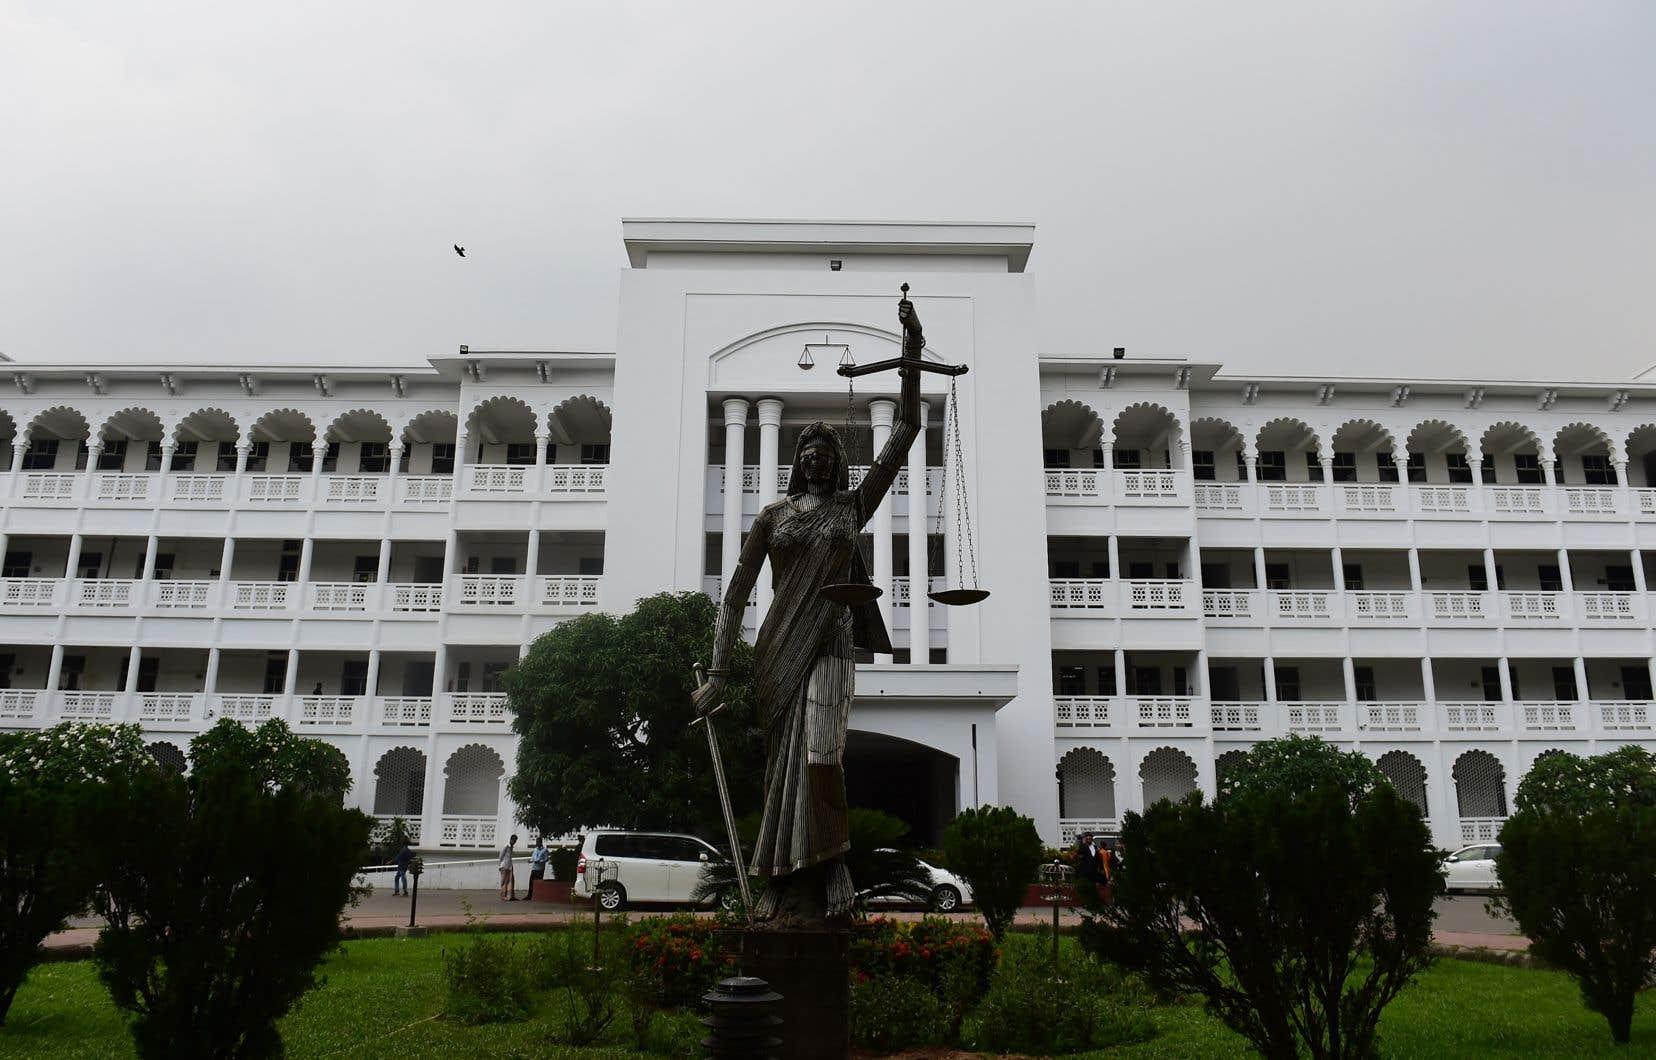 La commission anticorruption du pays a lancé en juillet 2019 des poursuites à l'encontre de M.Sinha et de dix autres personnes pour corruption, blanchiment d'argent et abus de pouvoir.